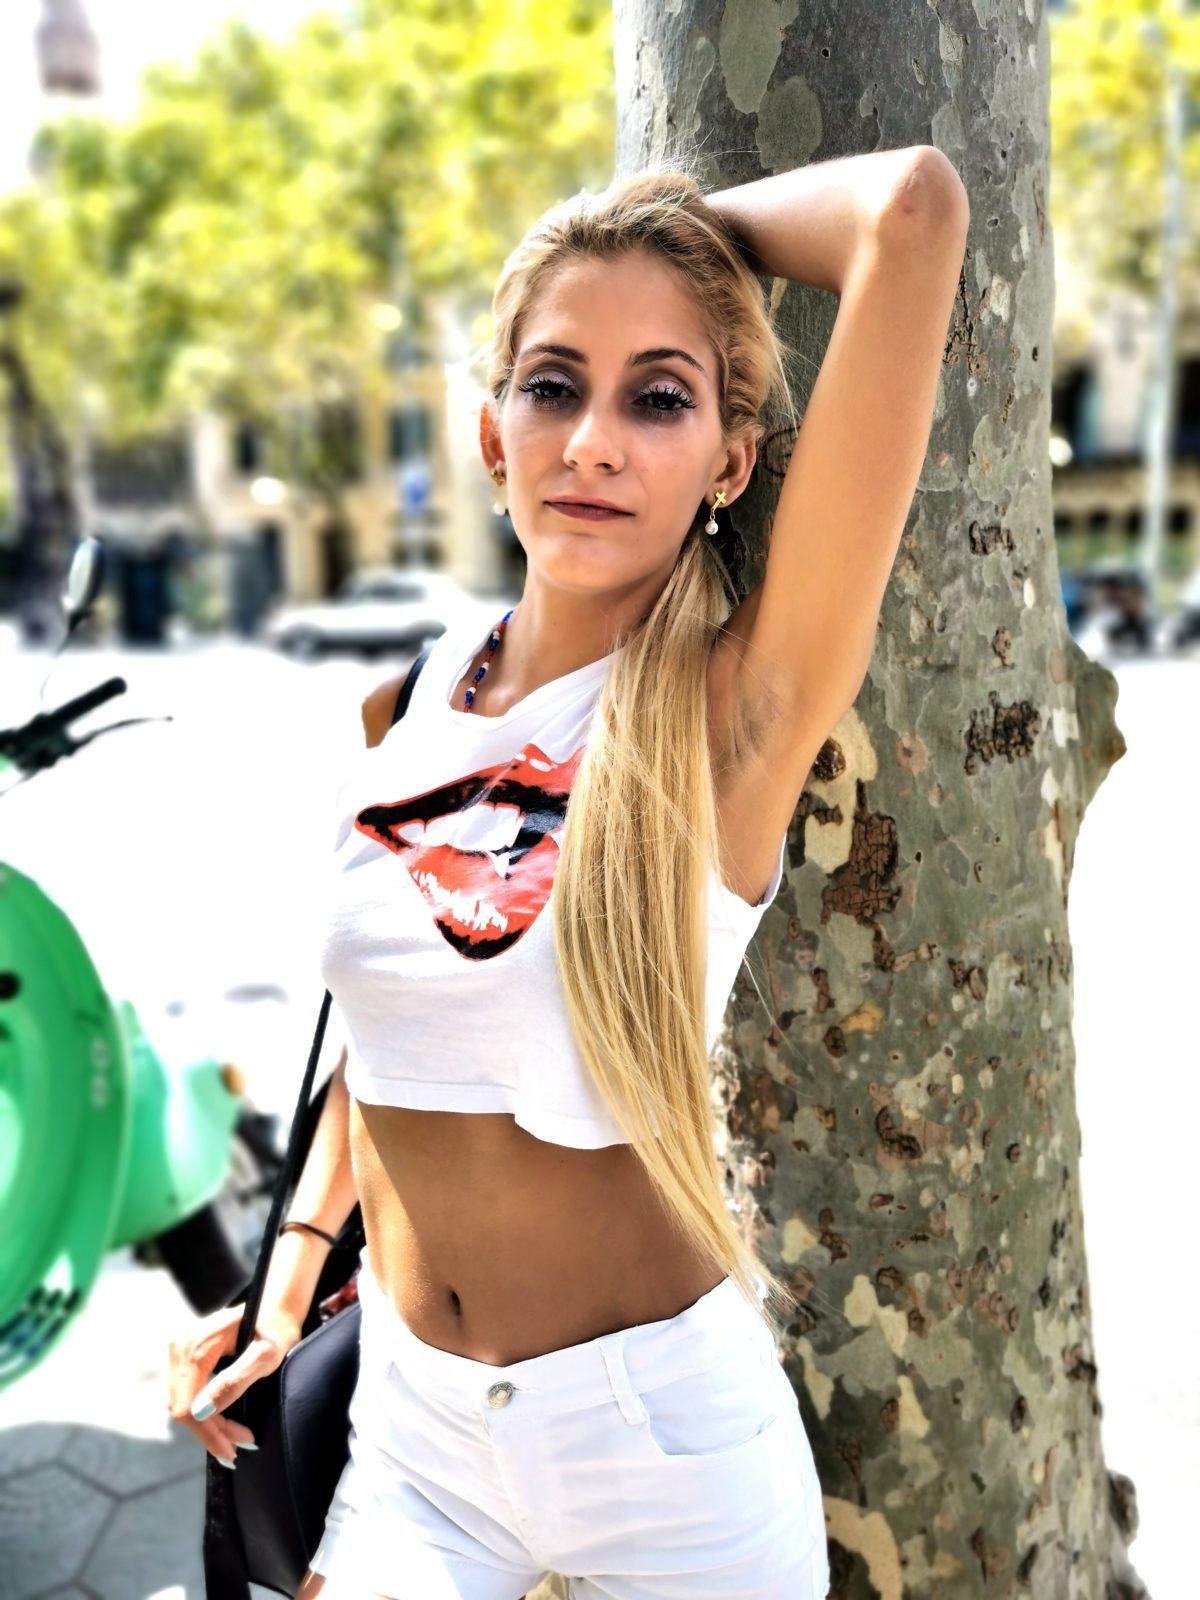 German Scout Gabriela Porno